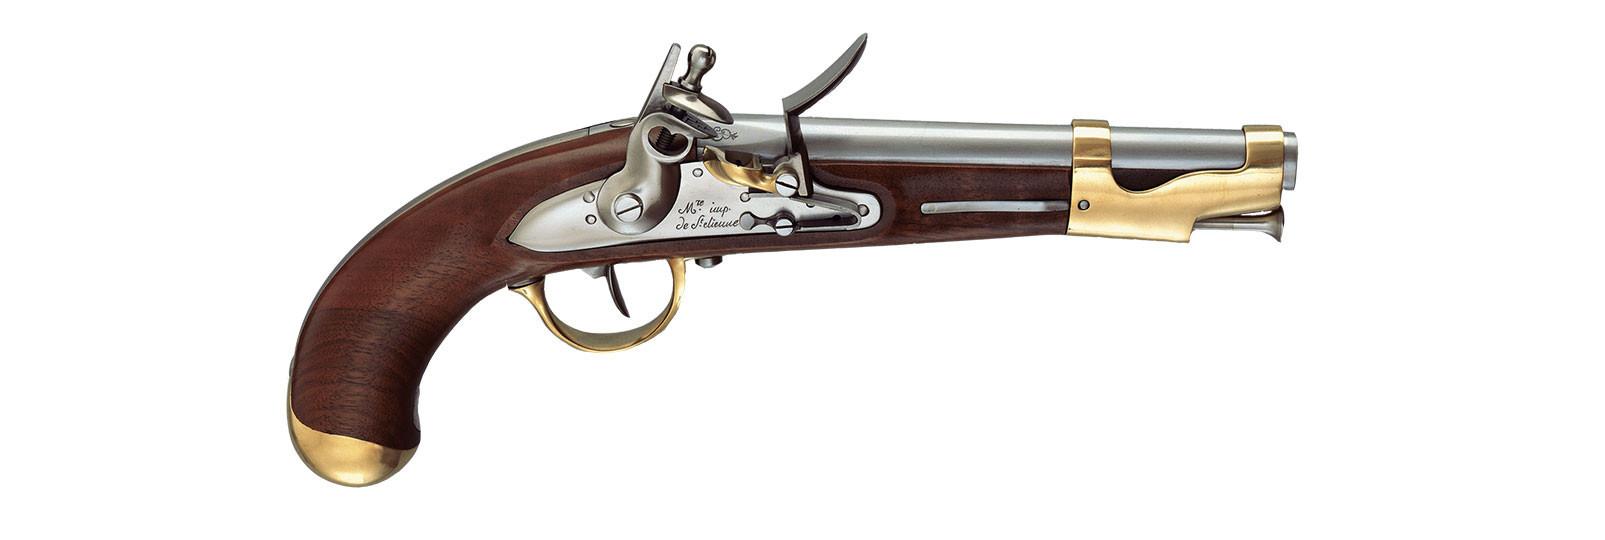 An IX Pistol